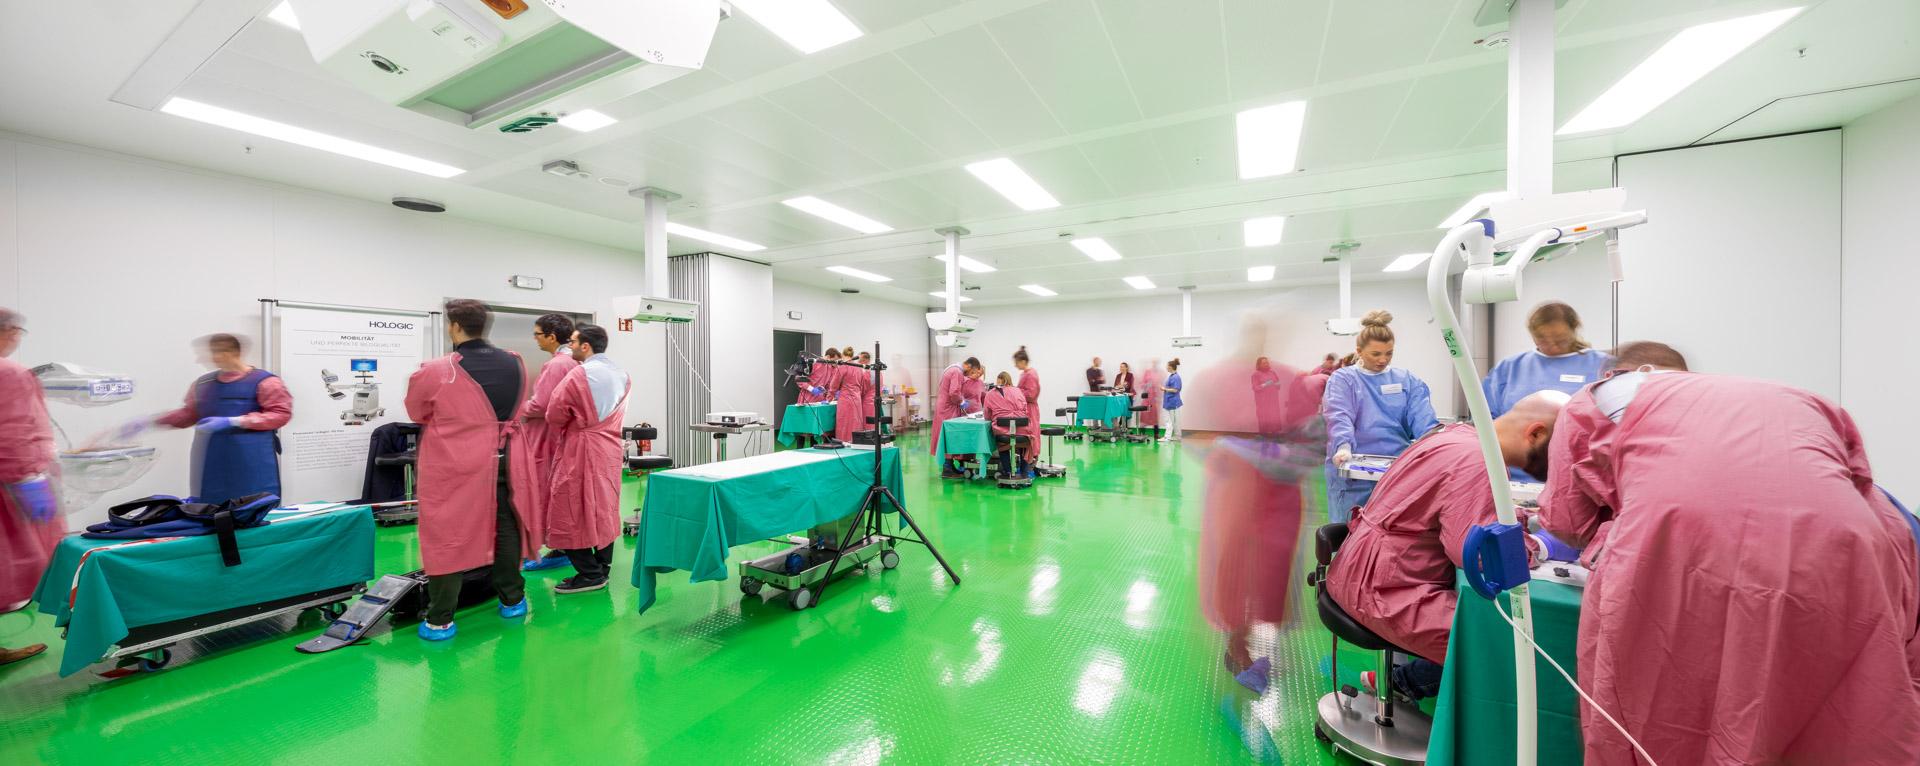 Medizinische Weiterbildung im Demo-OP